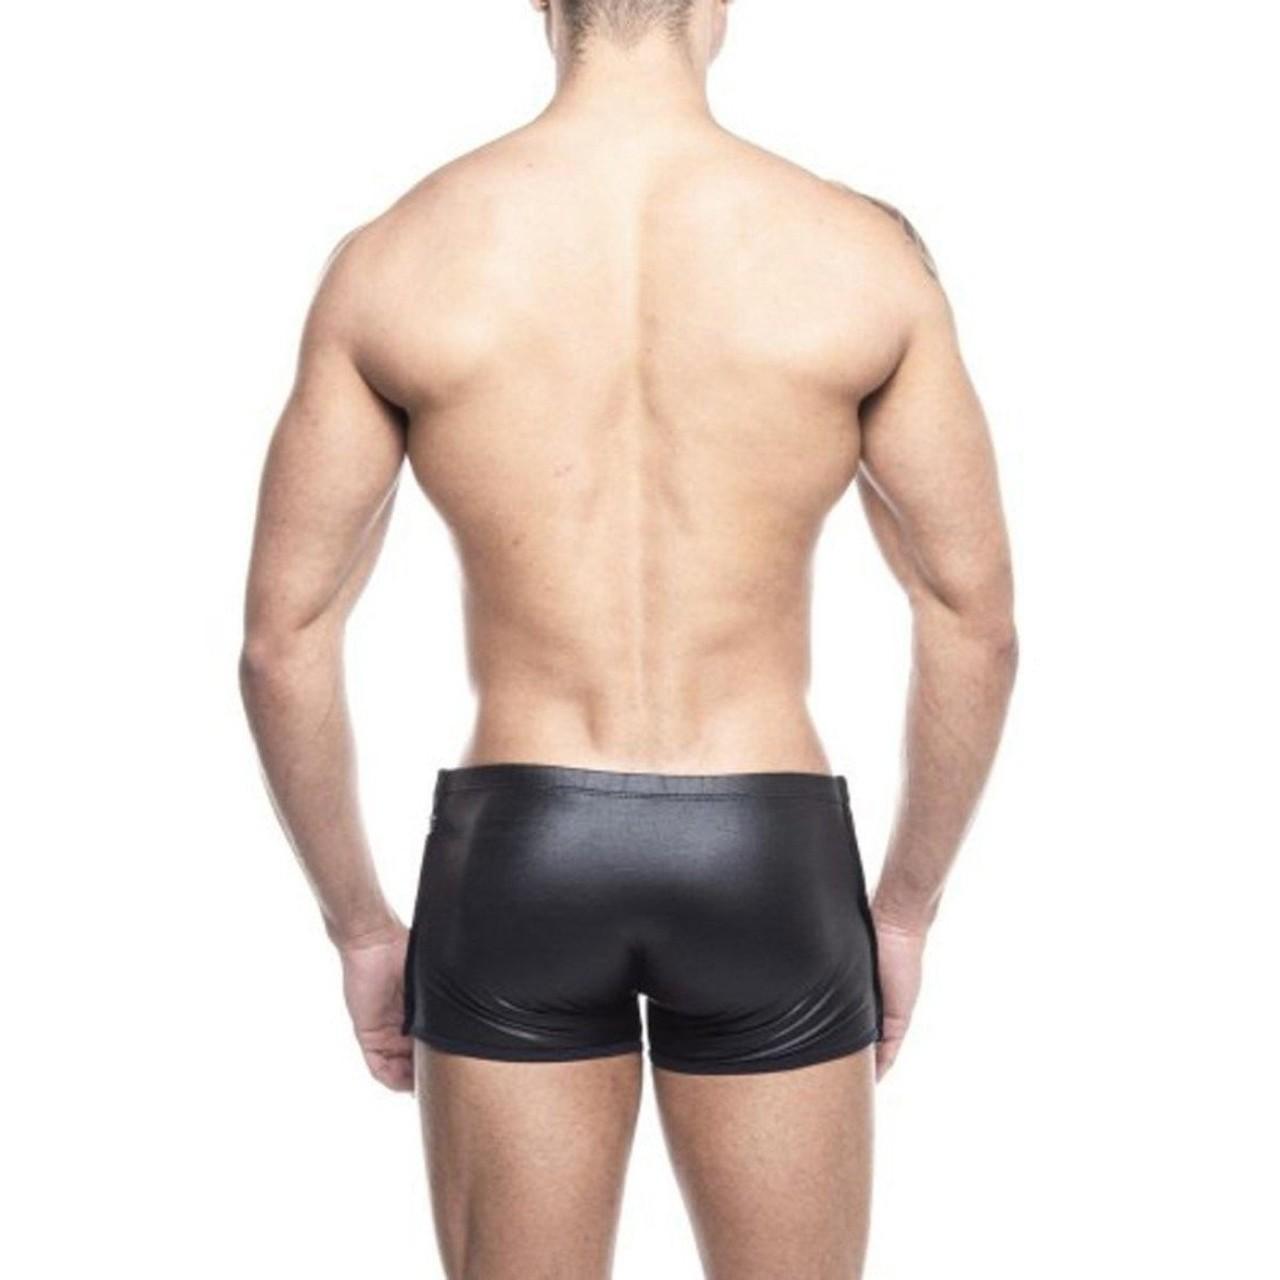 Cueca Boxer Gogo Boy - SD Clothing